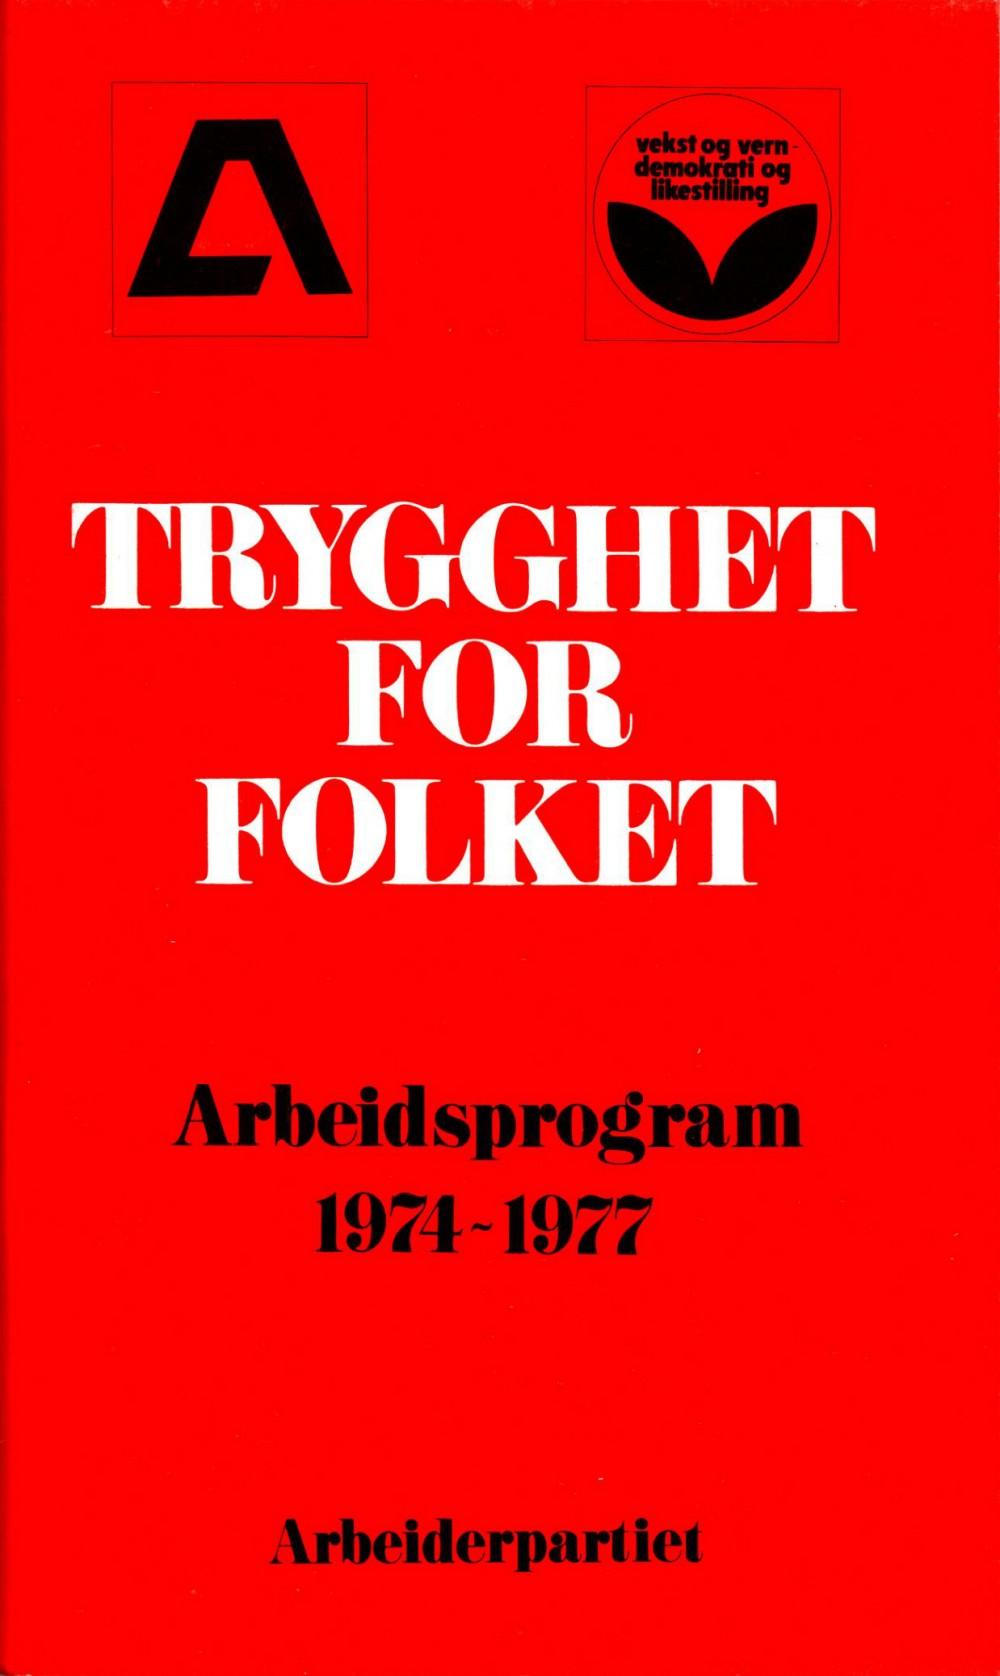 Trygghet for folket - Arbeiderpartiets arbeidsprogram 1974-1977